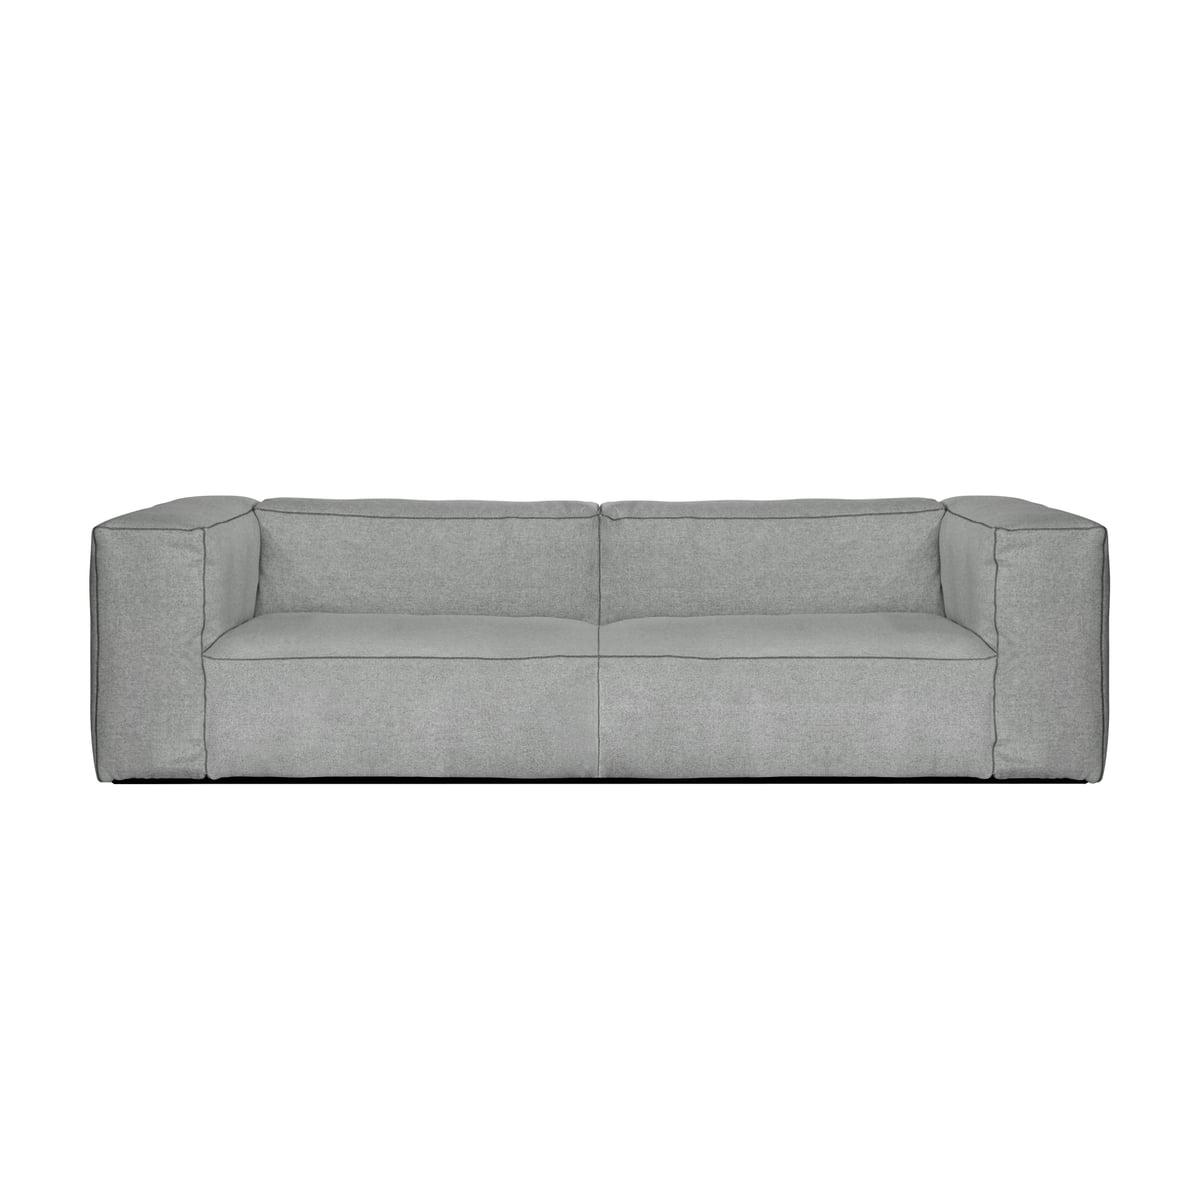 Mags Soft Sofa 2 5 Sitzer von Hay